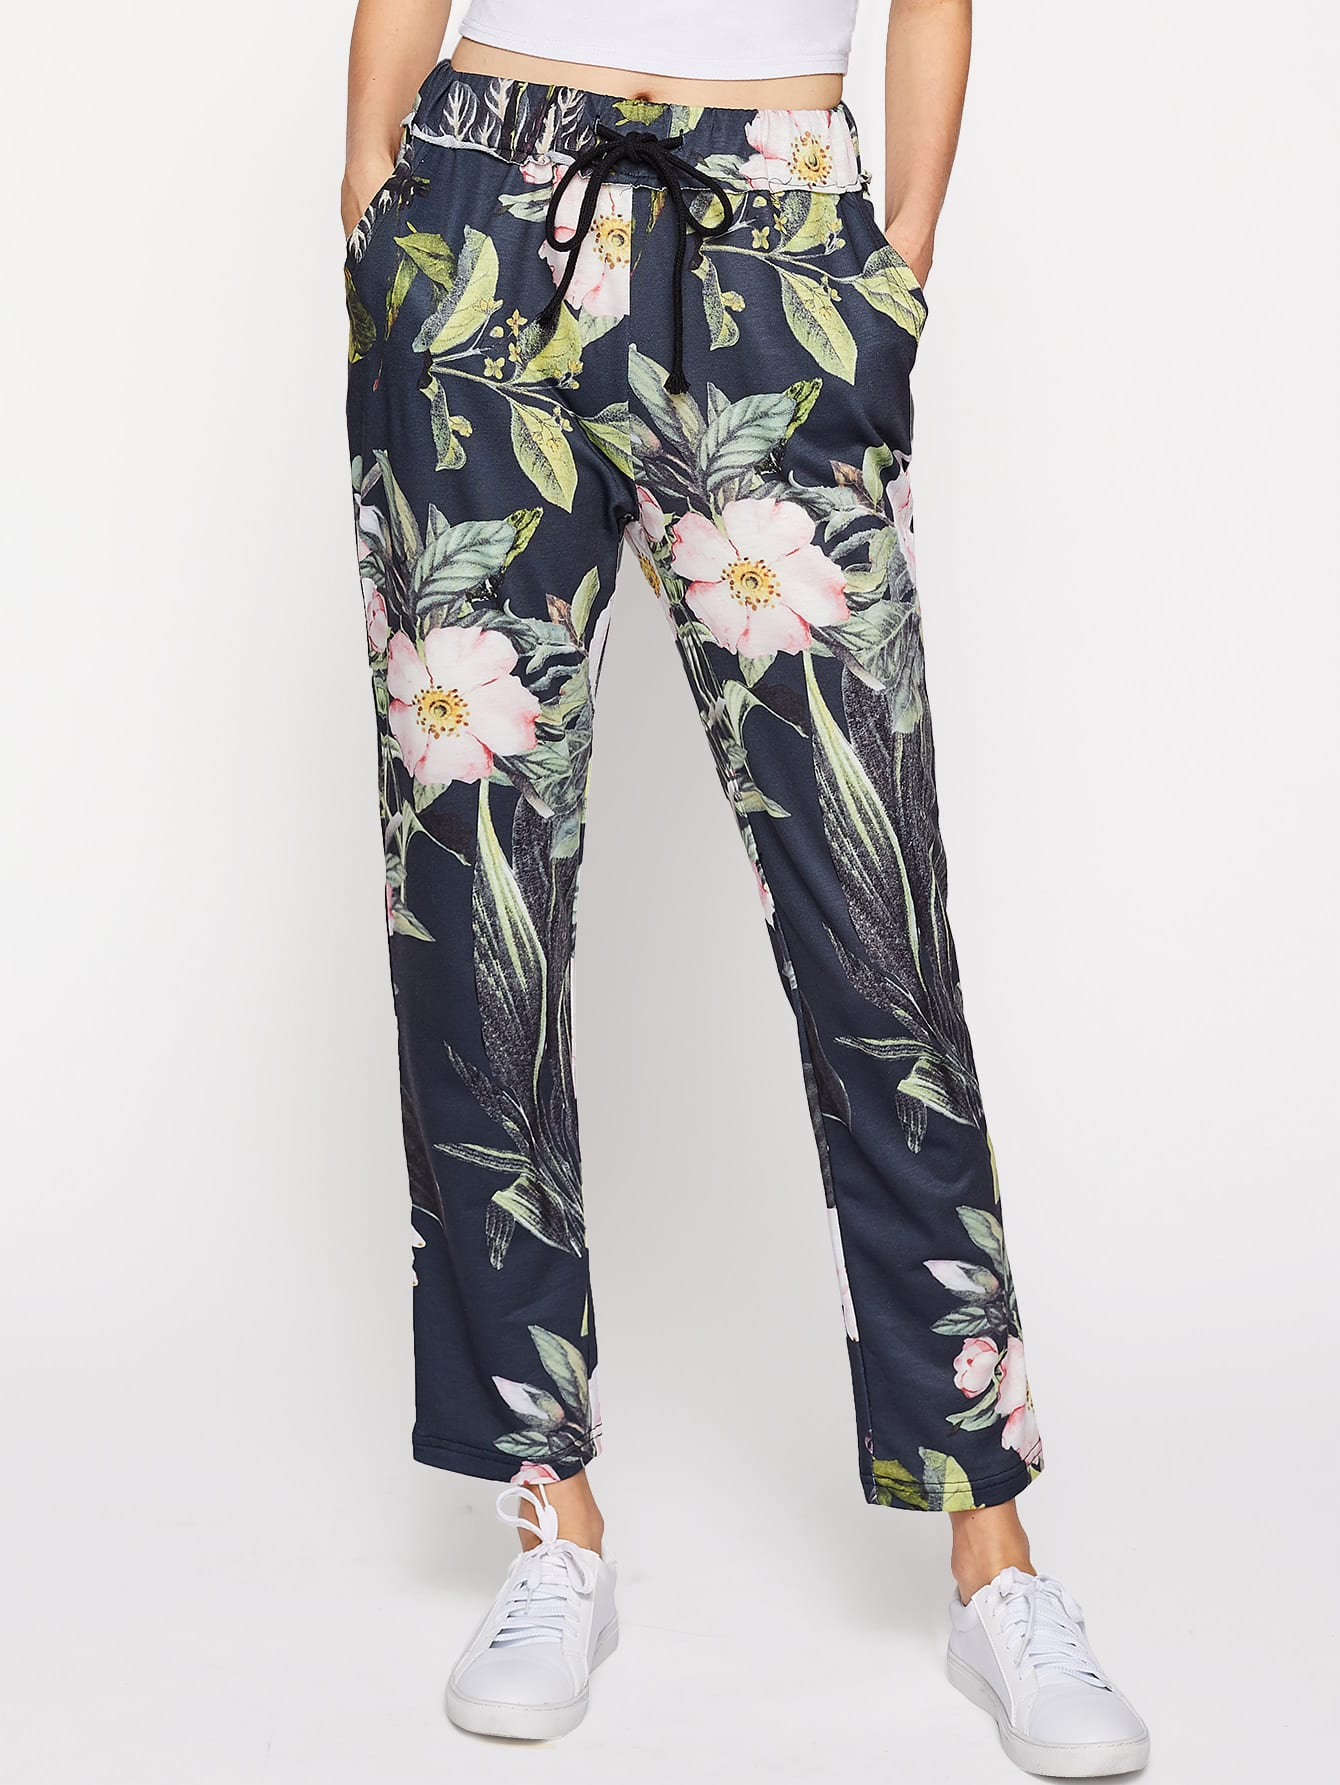 Купить Модные брюки с цветочным принтом, Zoranaa, SheIn